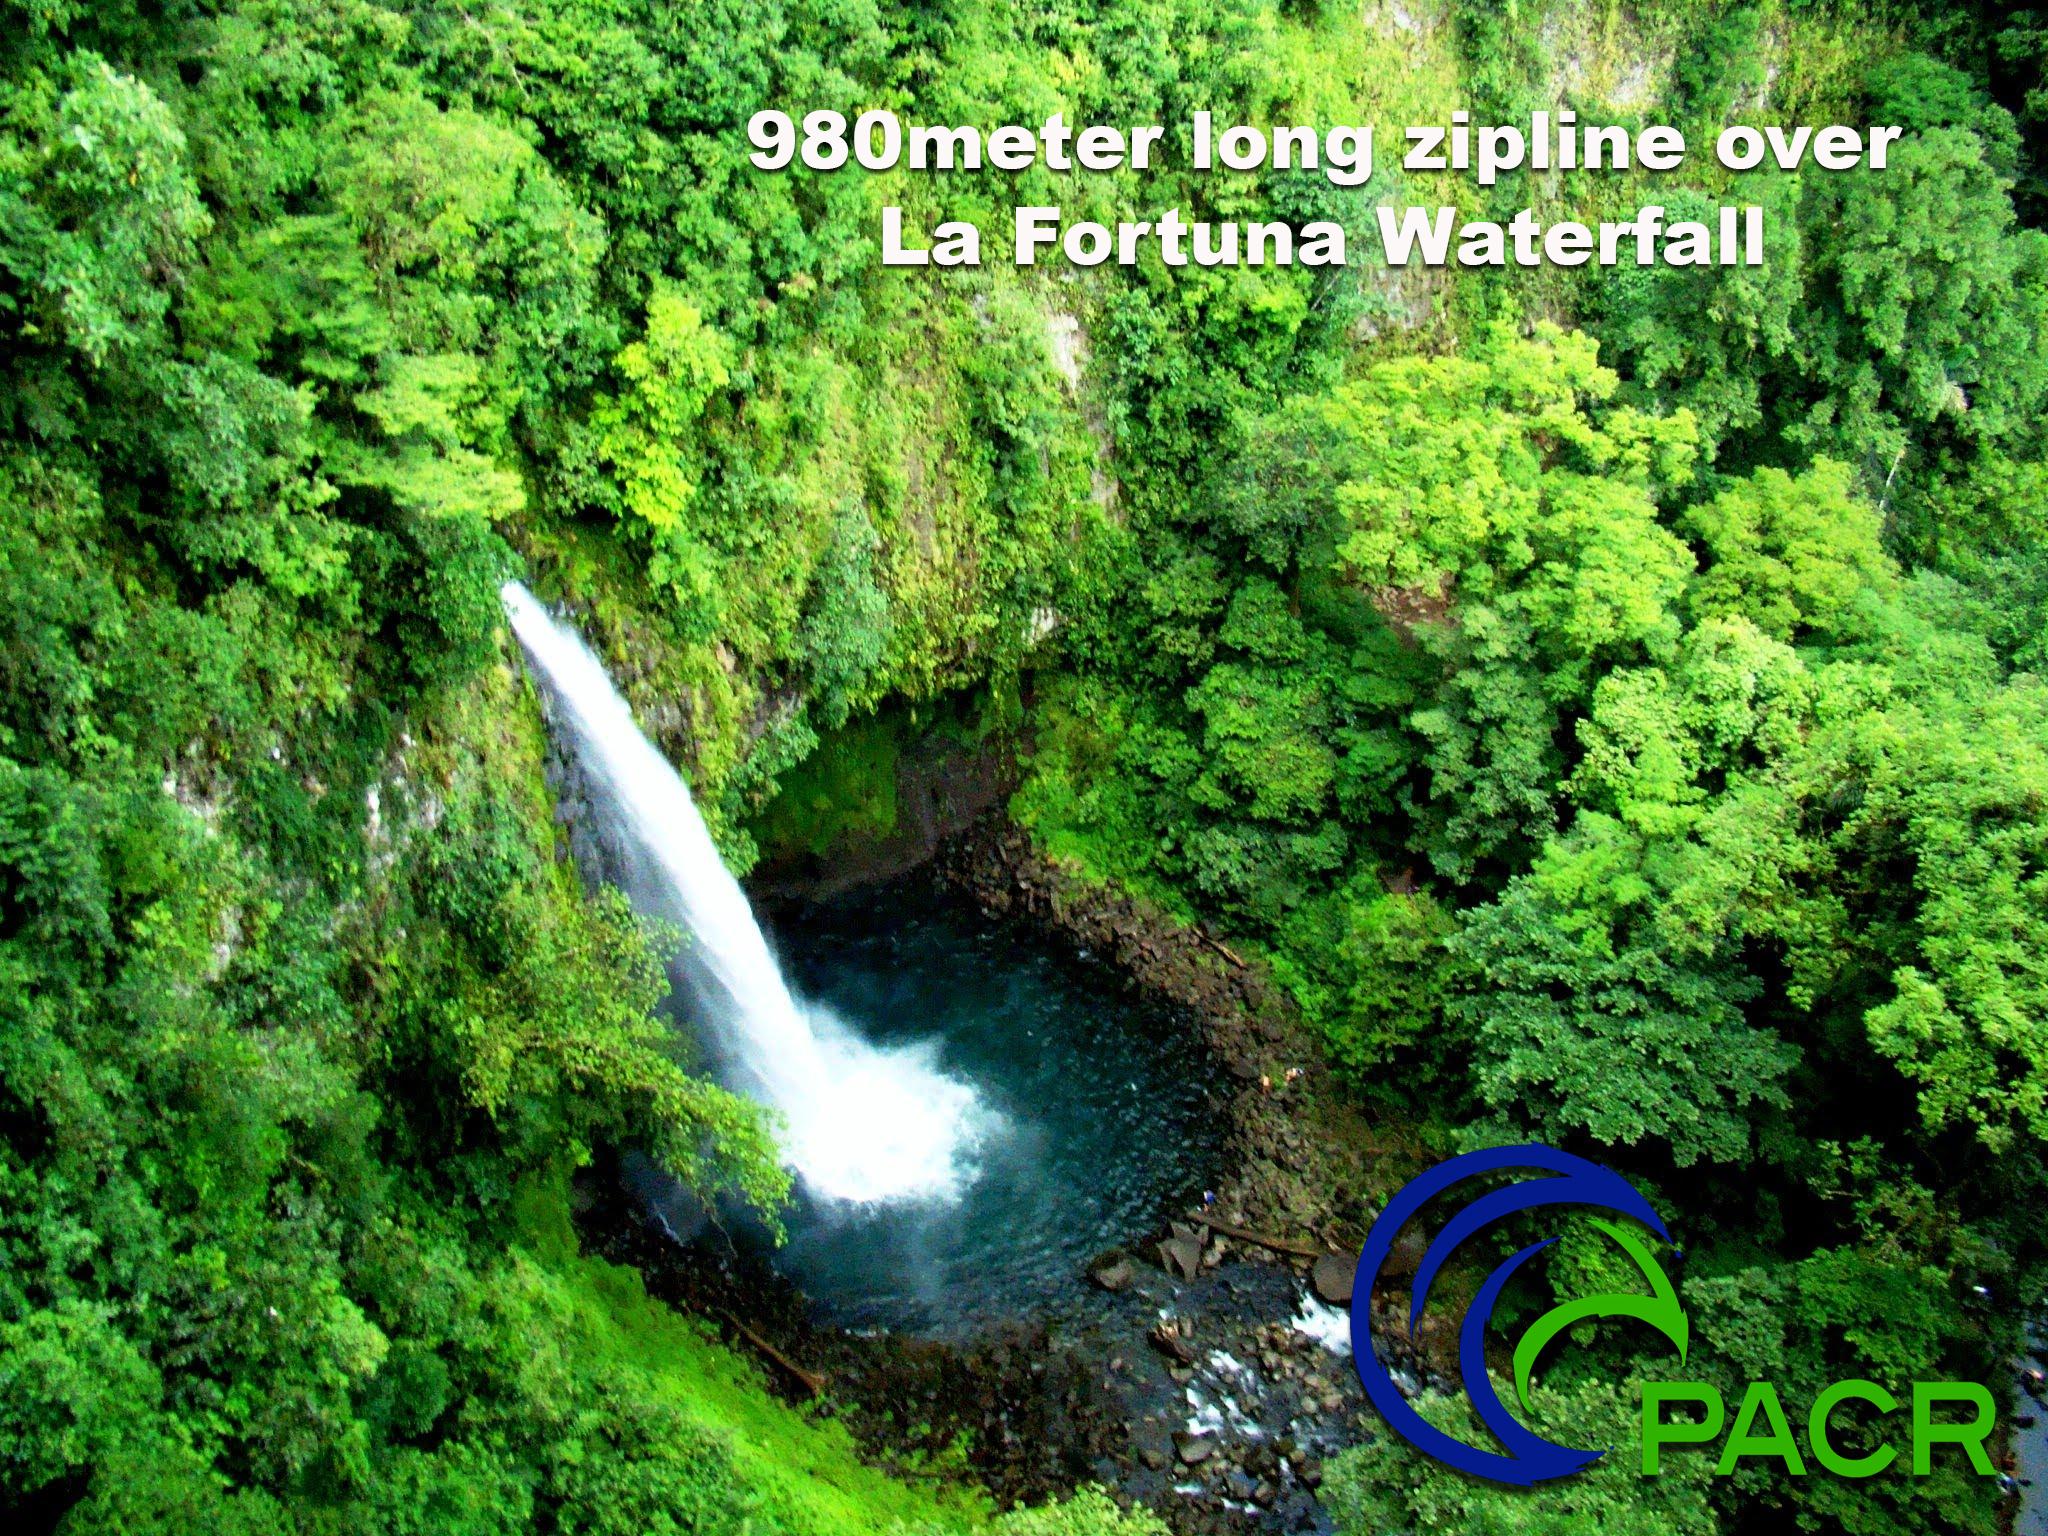 Zipline over waterfalls in Costa Rica & Zipline Canopy Tour over Waterfalls package zipline w/ Rappelling ...